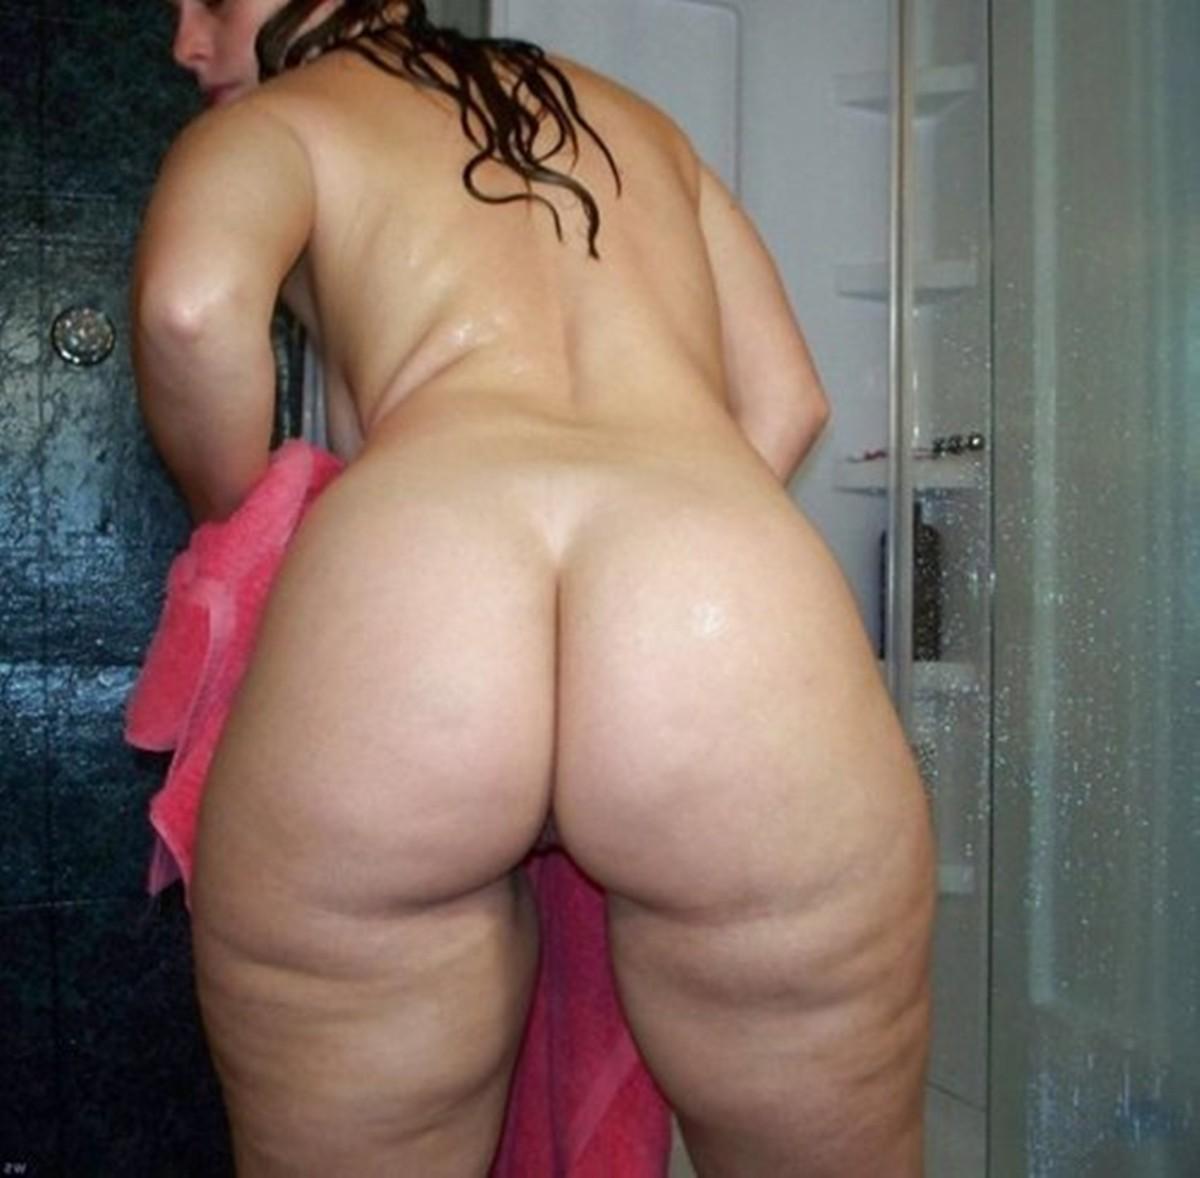 Домашнее порно молодоженов из россии заставляет мужчину